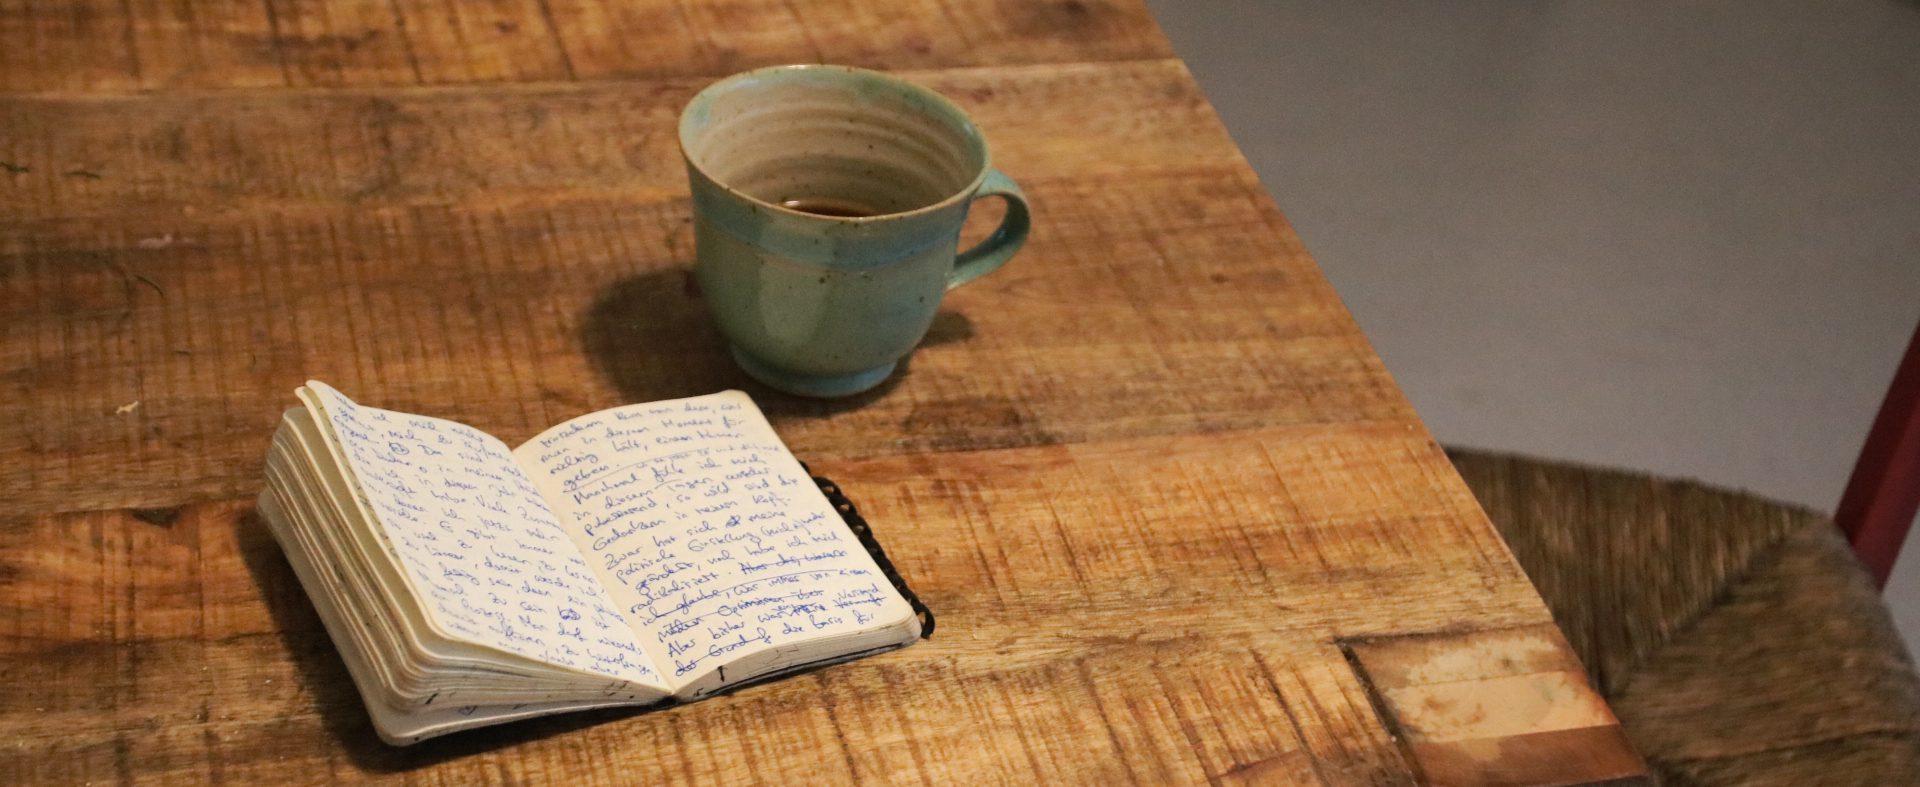 Notizbuch von Miri Watson und Kaffee auf einem Tisch